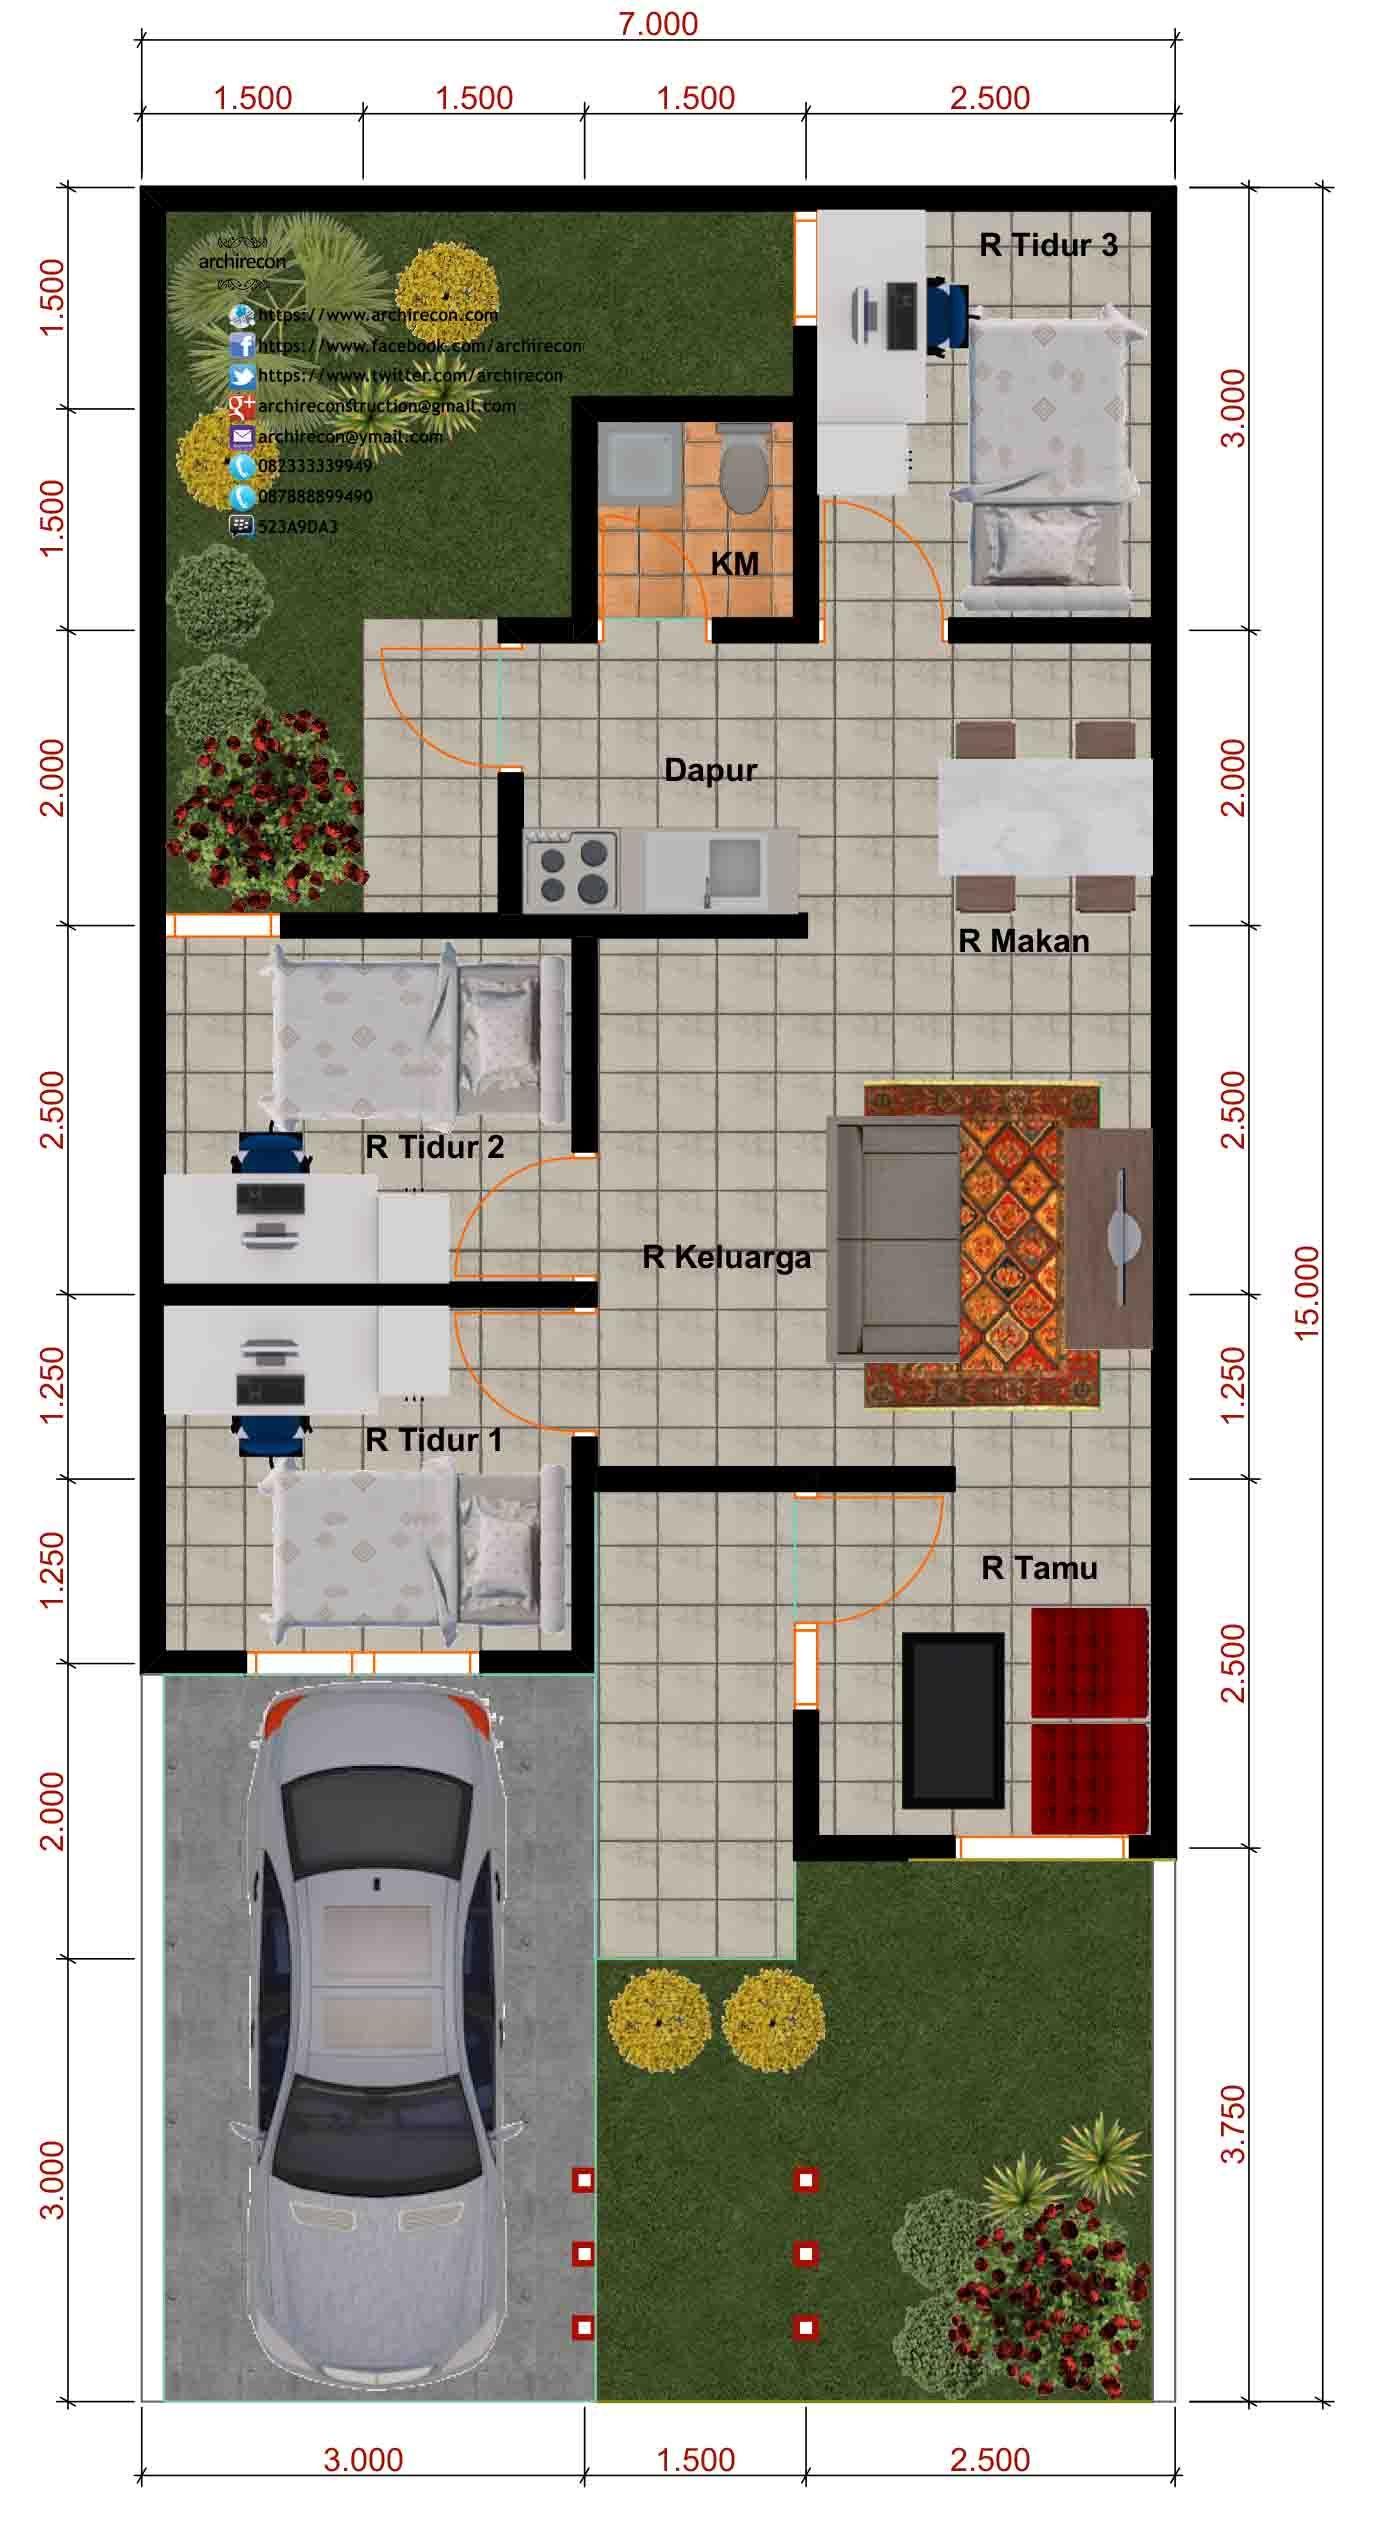 58 Foto Desain Rumah Kecil Perumahan Paling Keren Unduh